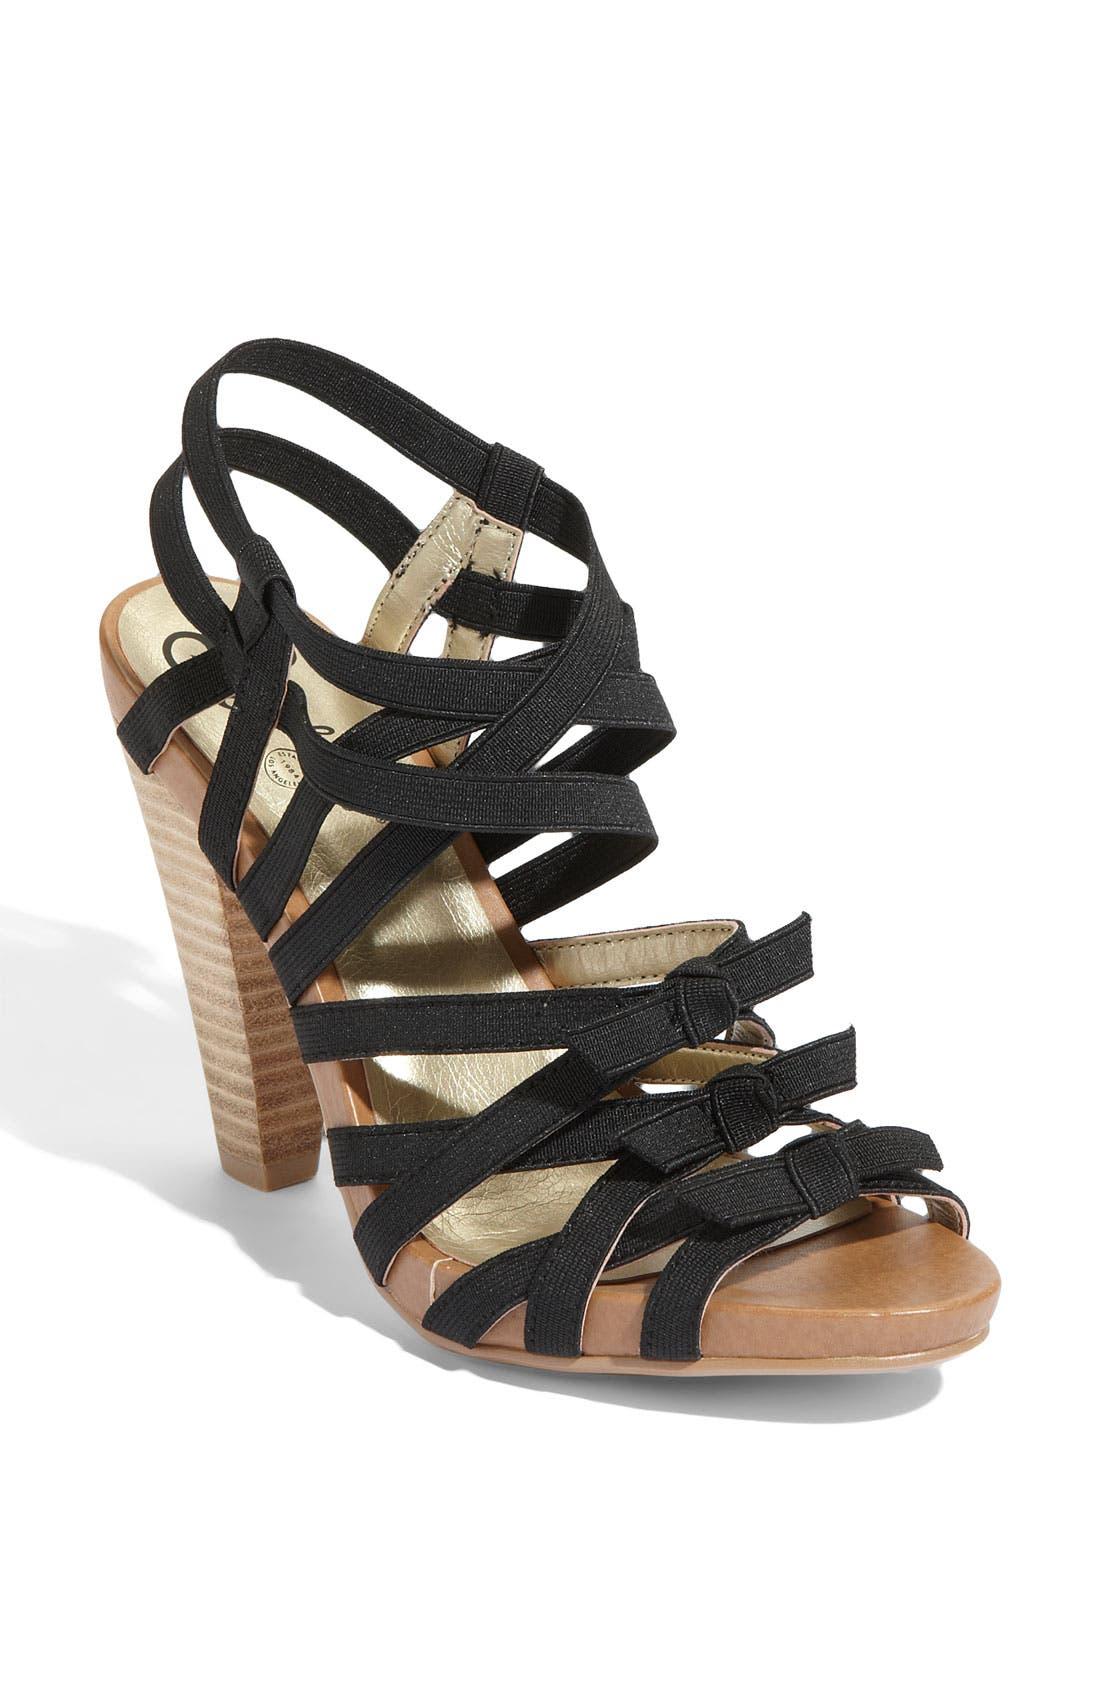 Main Image - Seychelles 'Hayworth' Elastic Sandal